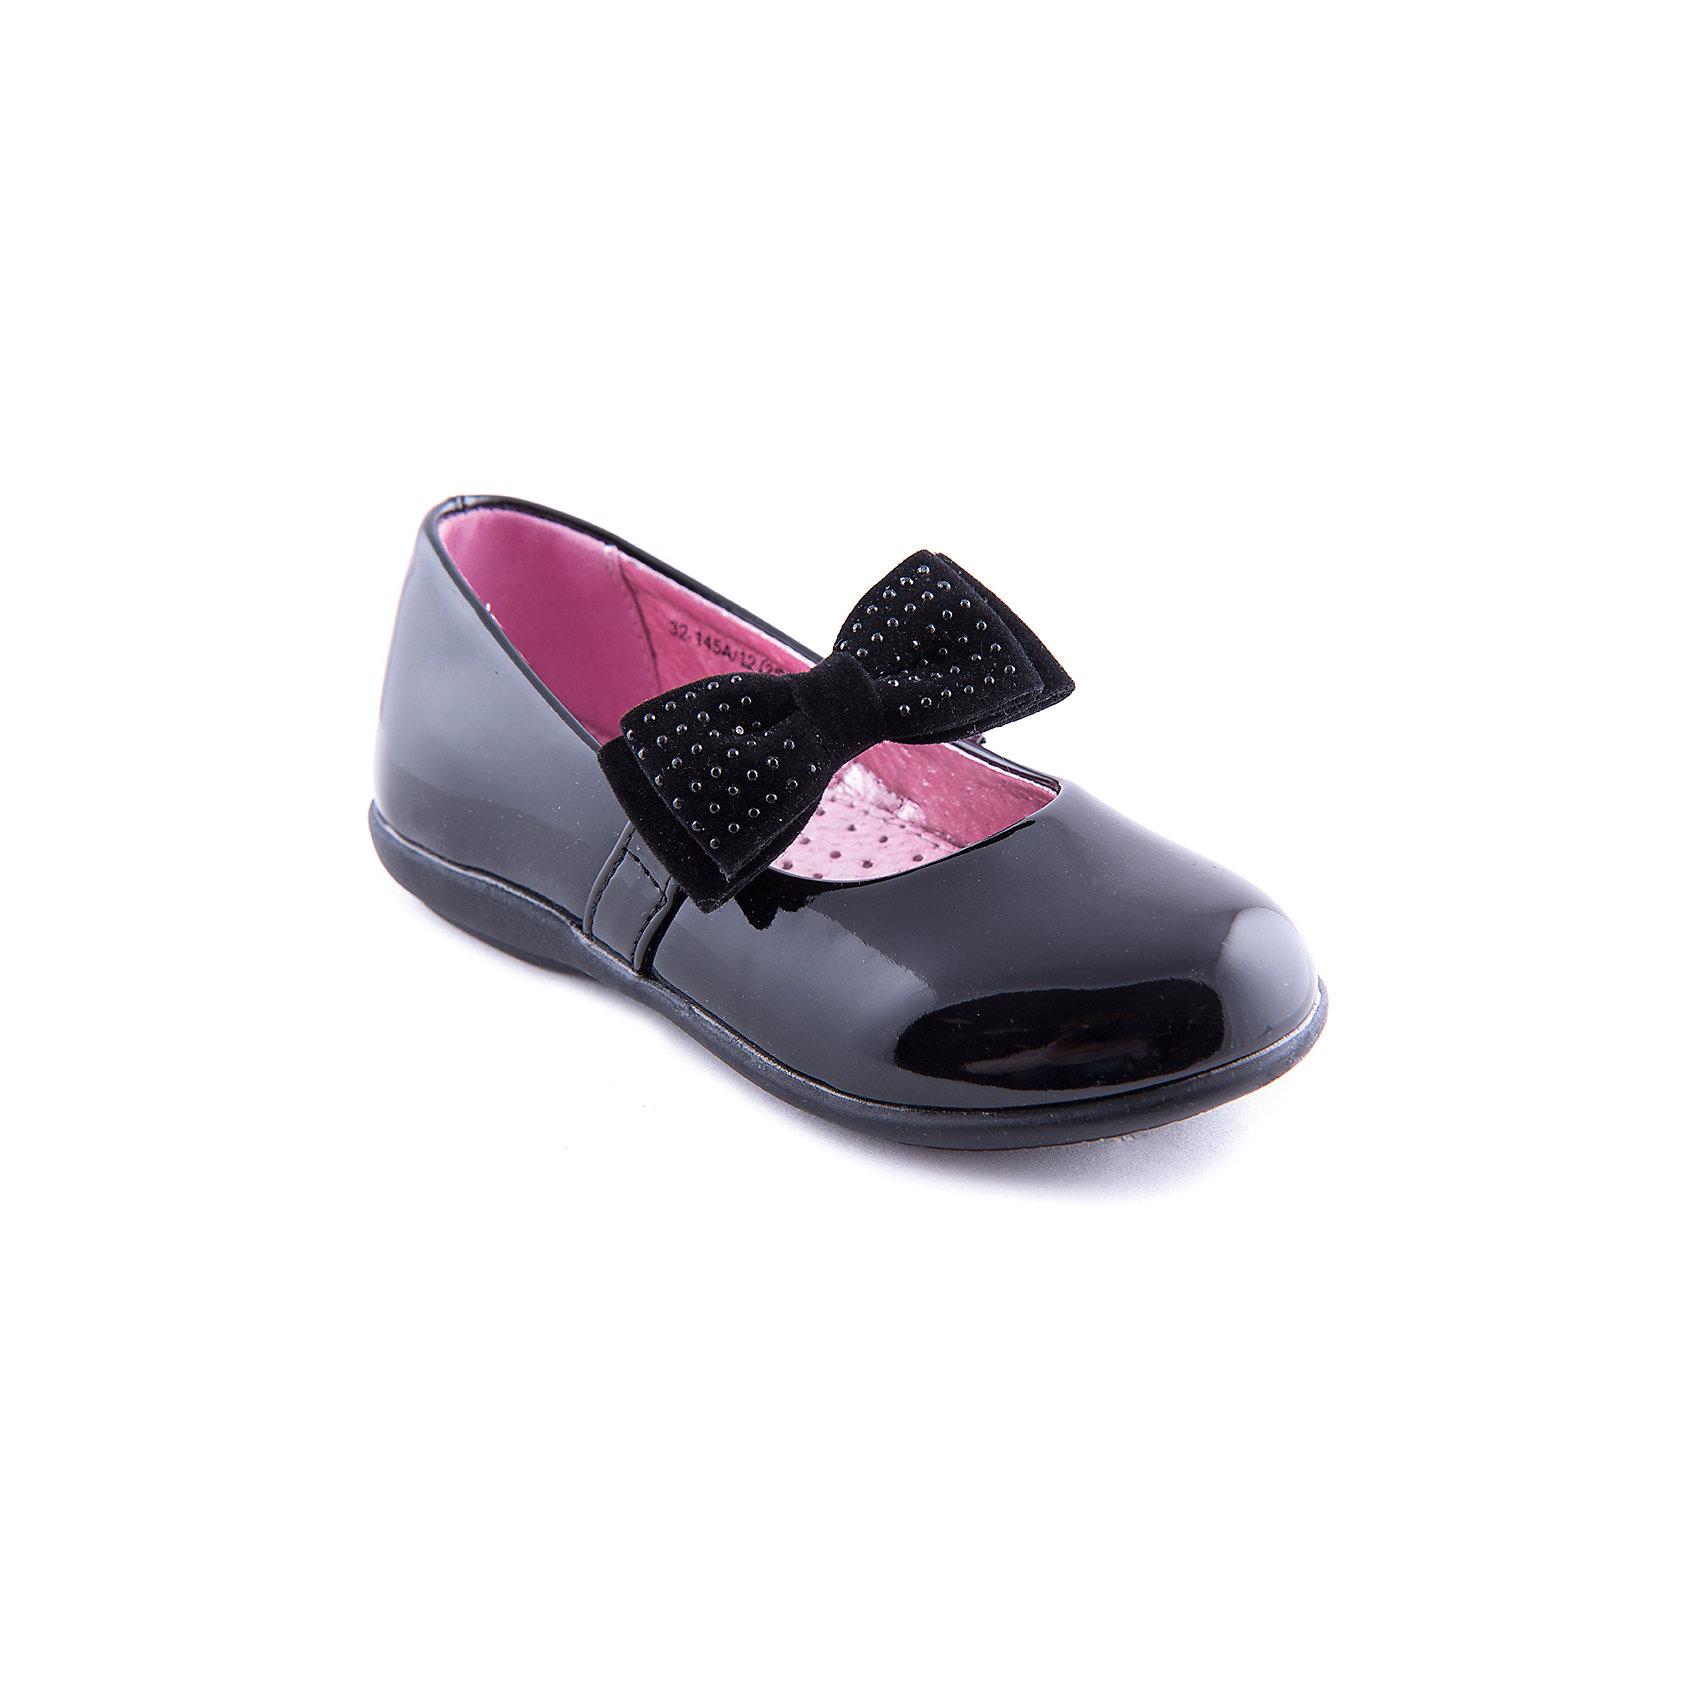 Туфли для девочки Indigo kidsТуфли для девочки от популярной марки Indigo kids.<br>Внимание! Туфли идут размер в размер.<br>Стильные черные туфли станут удобной универсальной обувью для школьных будней. Благодаря банту и лакированному ремешку смотрятся нарядно и модно.<br>Их отличительные особенности:<br>- удобная гибкая подошва;<br>- стильный силуэт;<br>- универсальный черный цвет;<br>- комфортная колодка;<br>- туфли позволяют коже ног дышать;<br>- качественная подкладка из натуральной кожи.<br>Дополнительная информация:<br>- Сезон: демисезонные.<br>- Состав:<br>материал верха: искусственная кожа<br>материал подкладки: натуральная кожа<br>подошва: ТЭП.<br>Туфли для девочки Indigo kids (Индиго кидс) можно купить в нашем магазине.<br><br>Ширина мм: 227<br>Глубина мм: 145<br>Высота мм: 124<br>Вес г: 325<br>Цвет: черный<br>Возраст от месяцев: 36<br>Возраст до месяцев: 48<br>Пол: Женский<br>Возраст: Детский<br>Размер: 27,25,26,29,28,30<br>SKU: 4202859